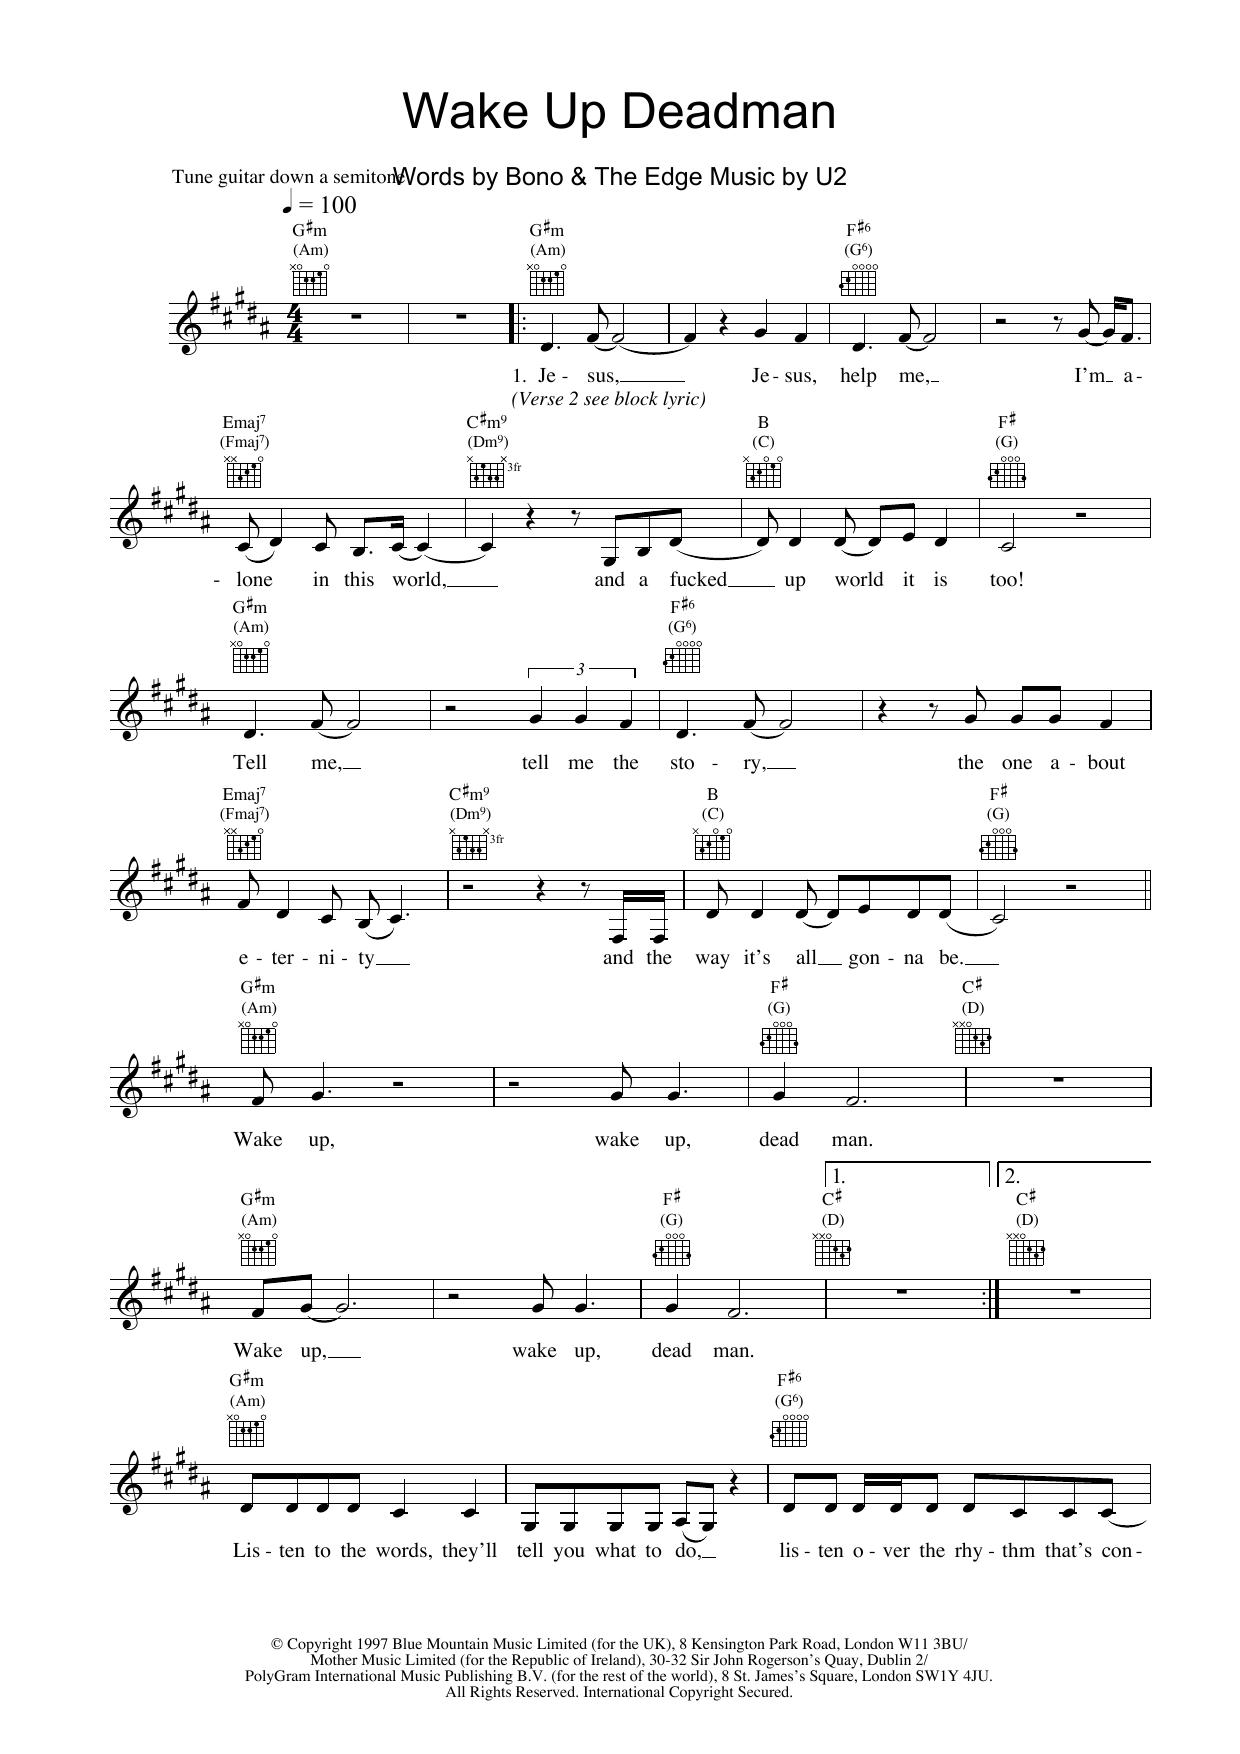 Melodores a cappella